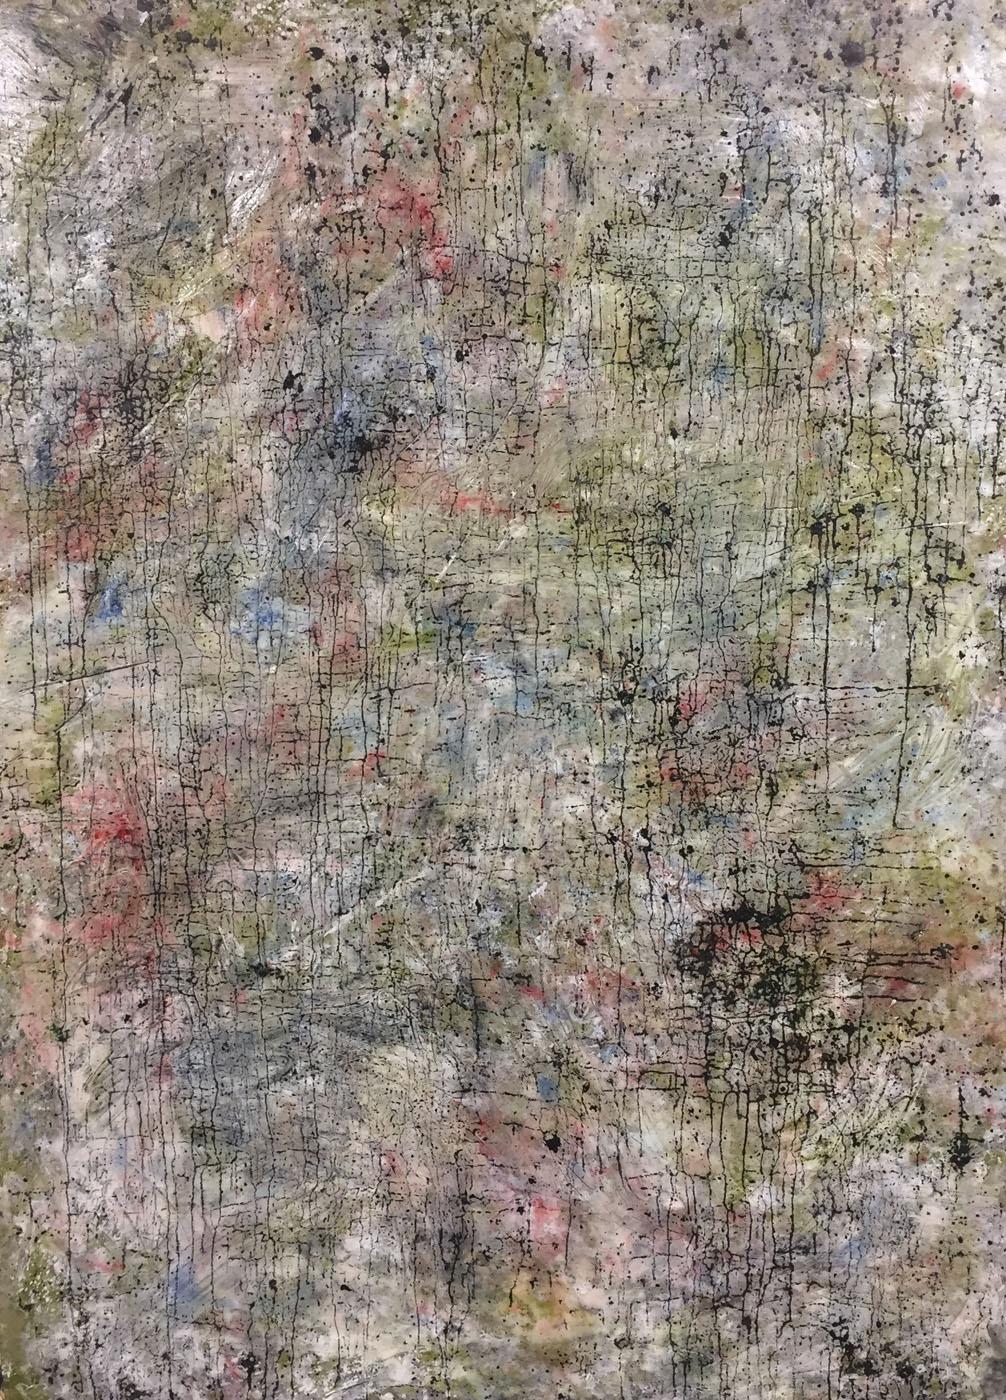 MARC FELD 2019 TRACES OF JOHN 2 Huile, pigmnent, acrylique et gouache sur papier 116 x 158 cm